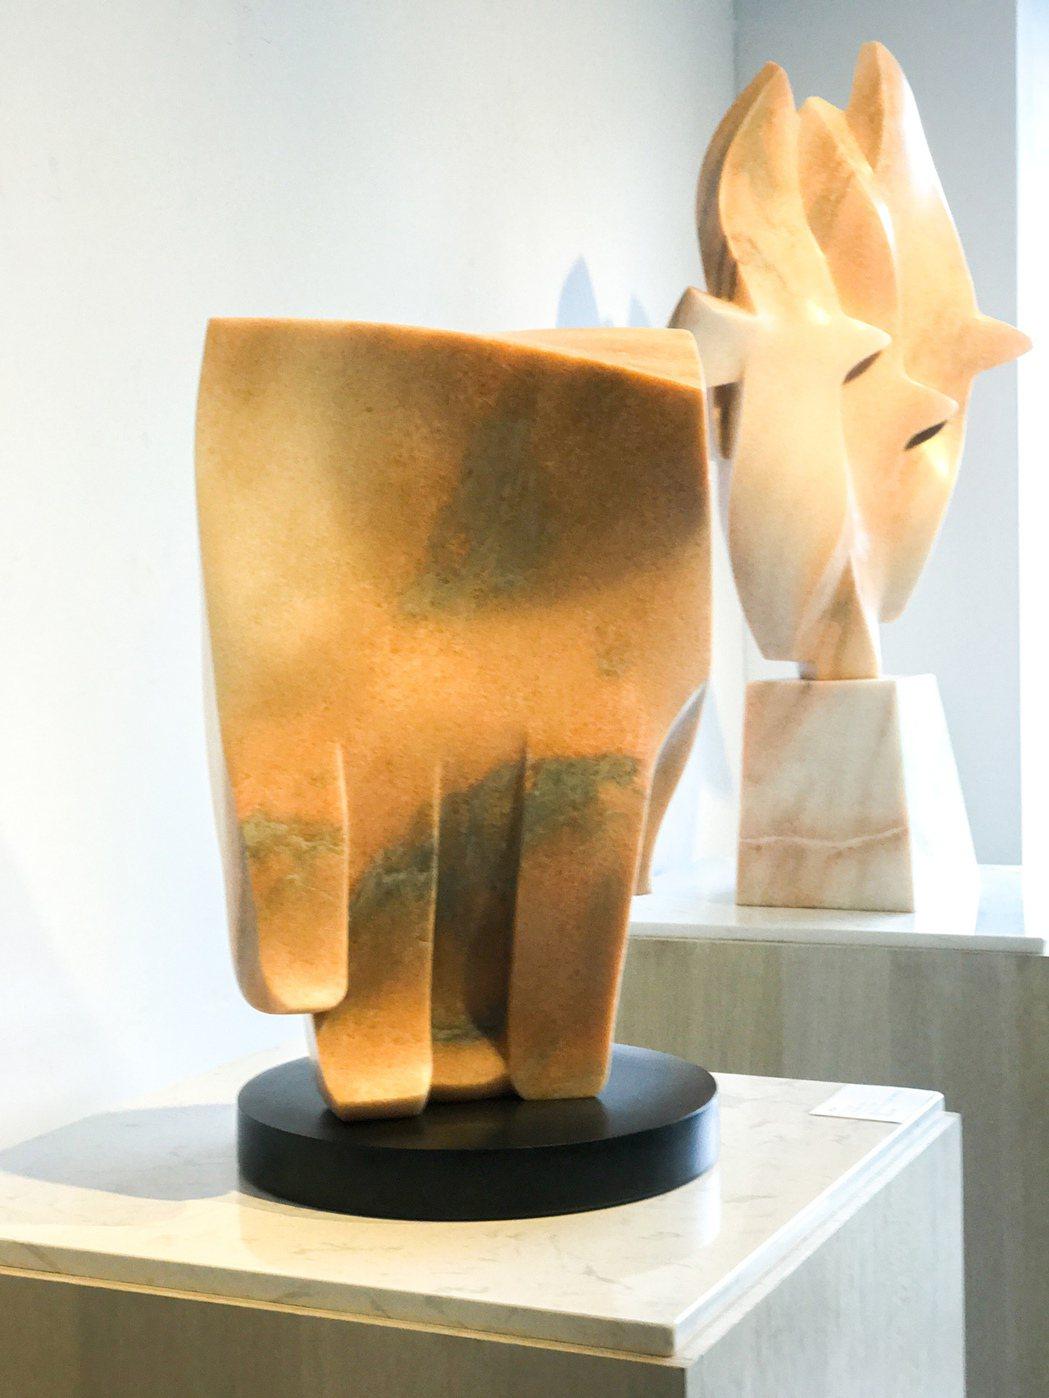 向光華的石雕作品堅毅中帶著柔軟的意向。 攝影/張世雅